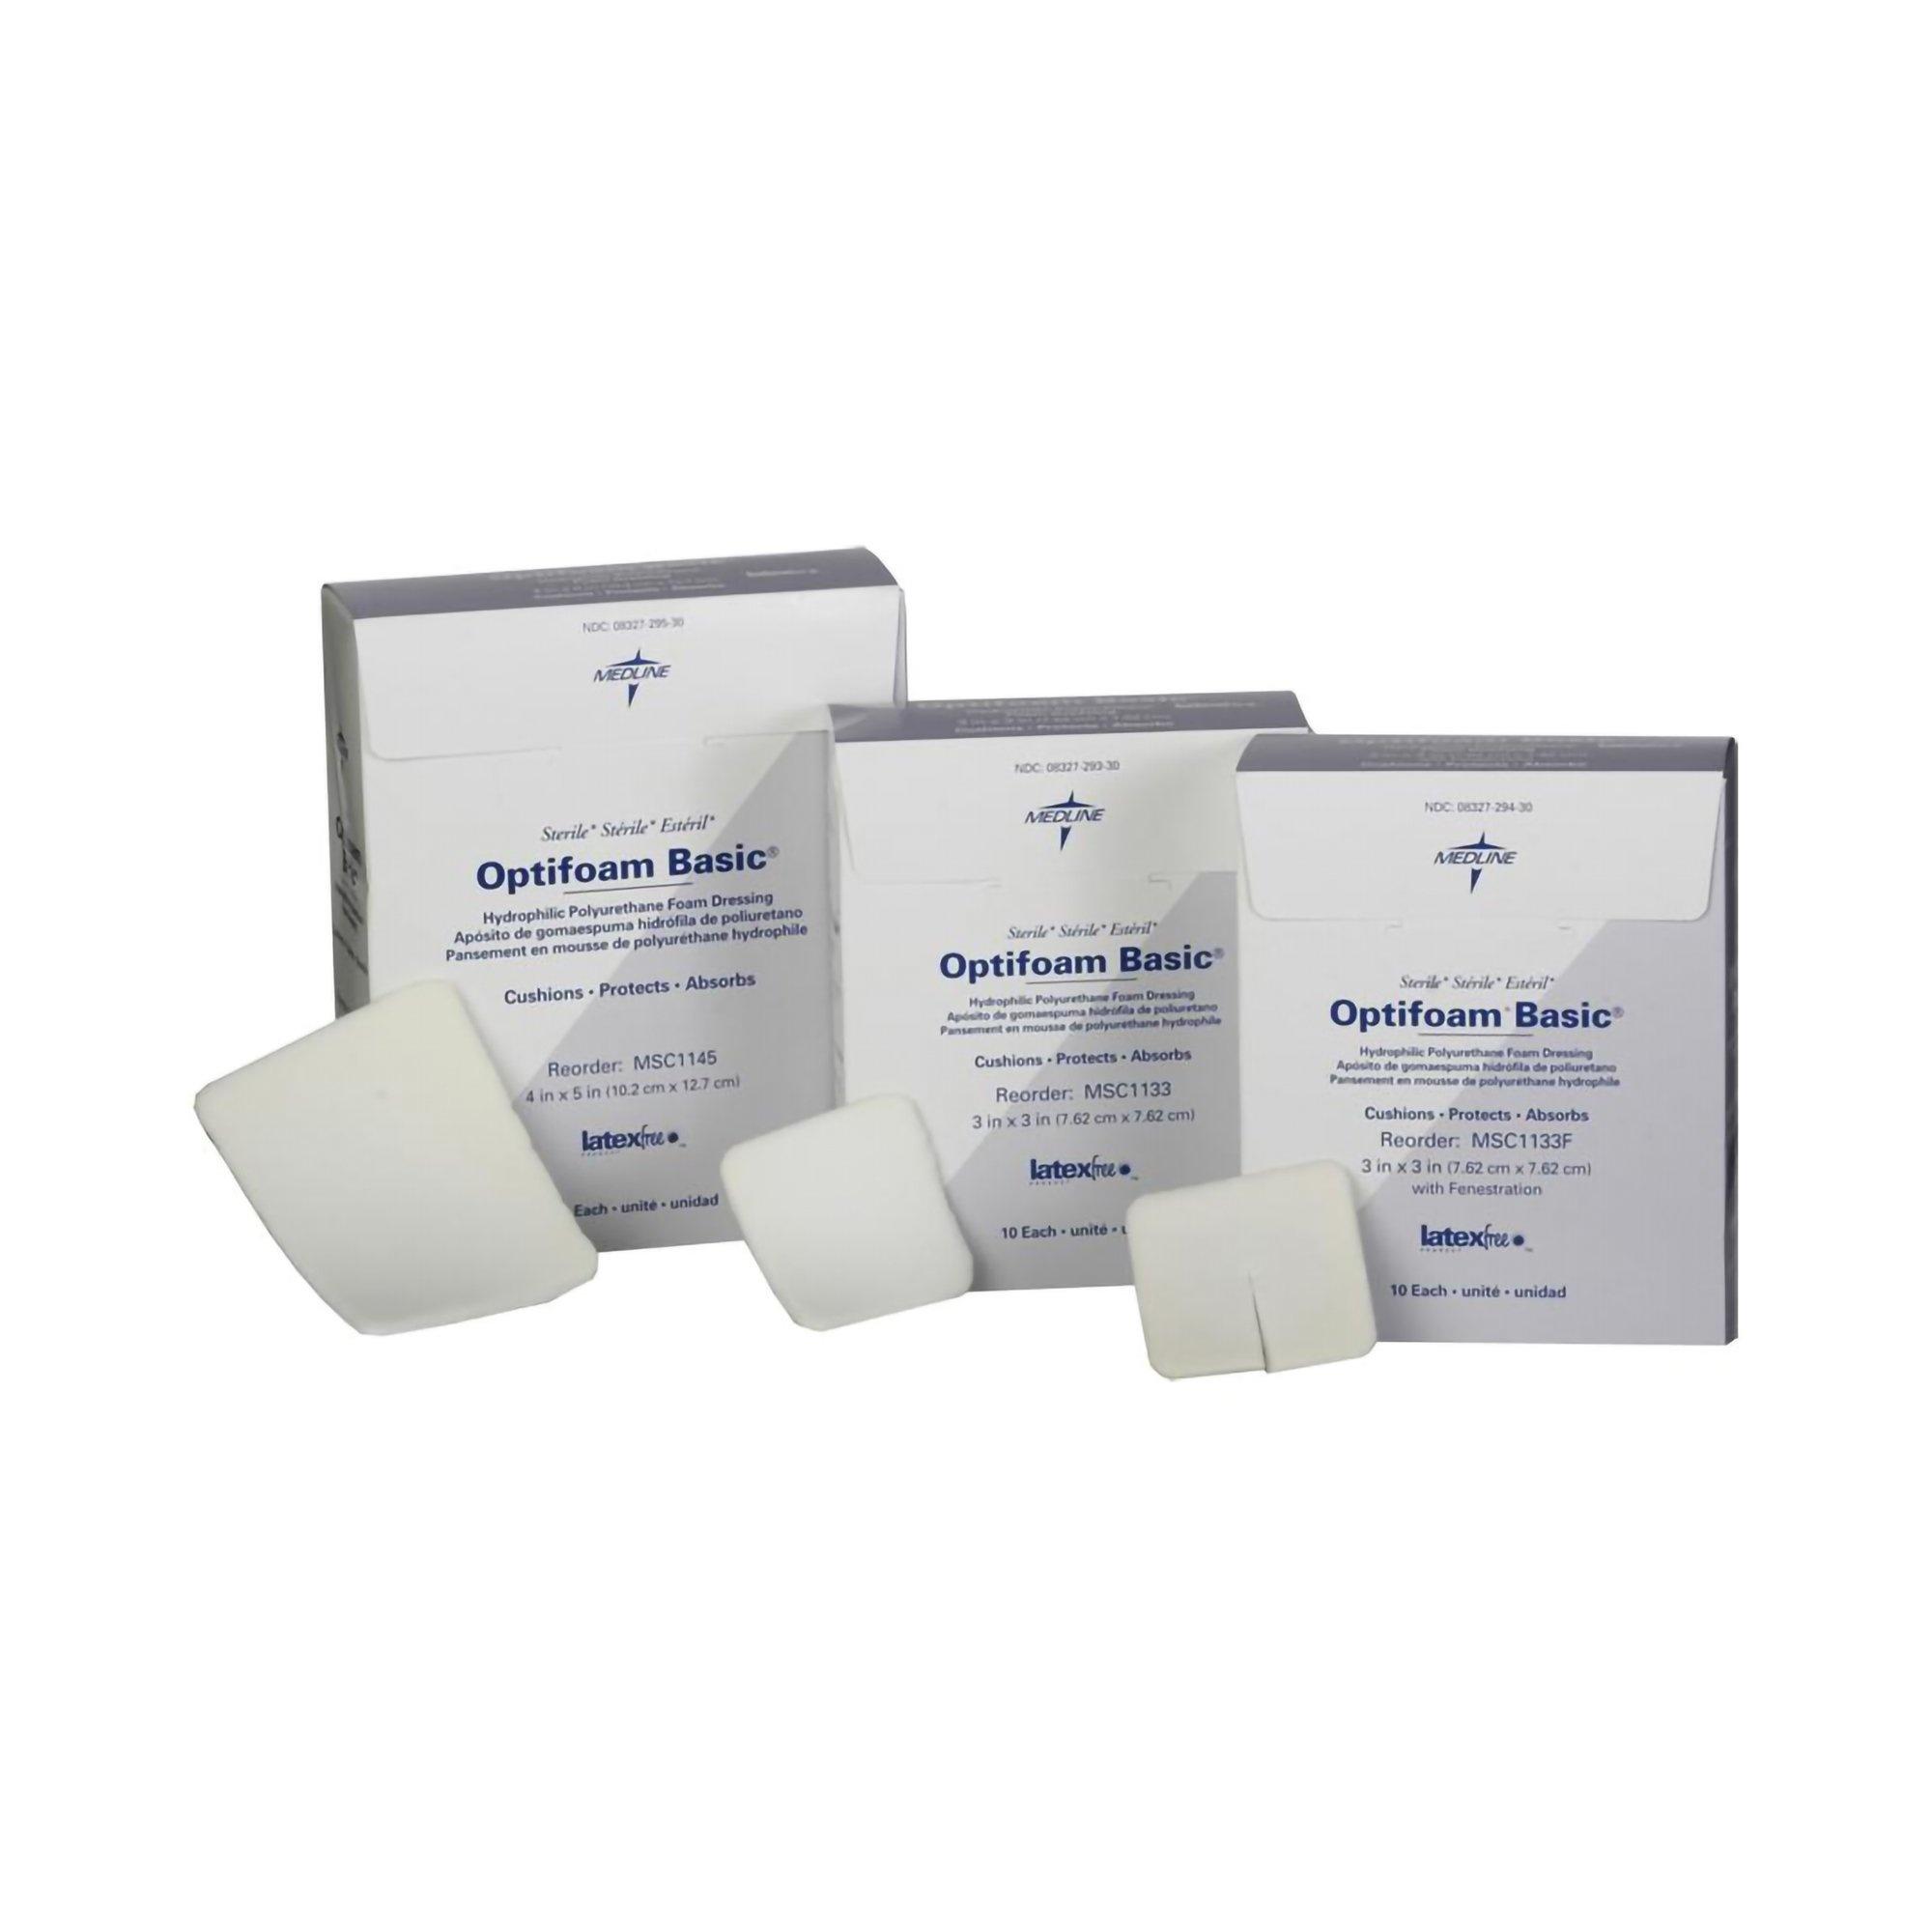 """Optifoam Basic Hydrophilic Polyurethane Foam Dressing with Fenestration, 3 X 3"""", MSC1133F, Box of 10"""